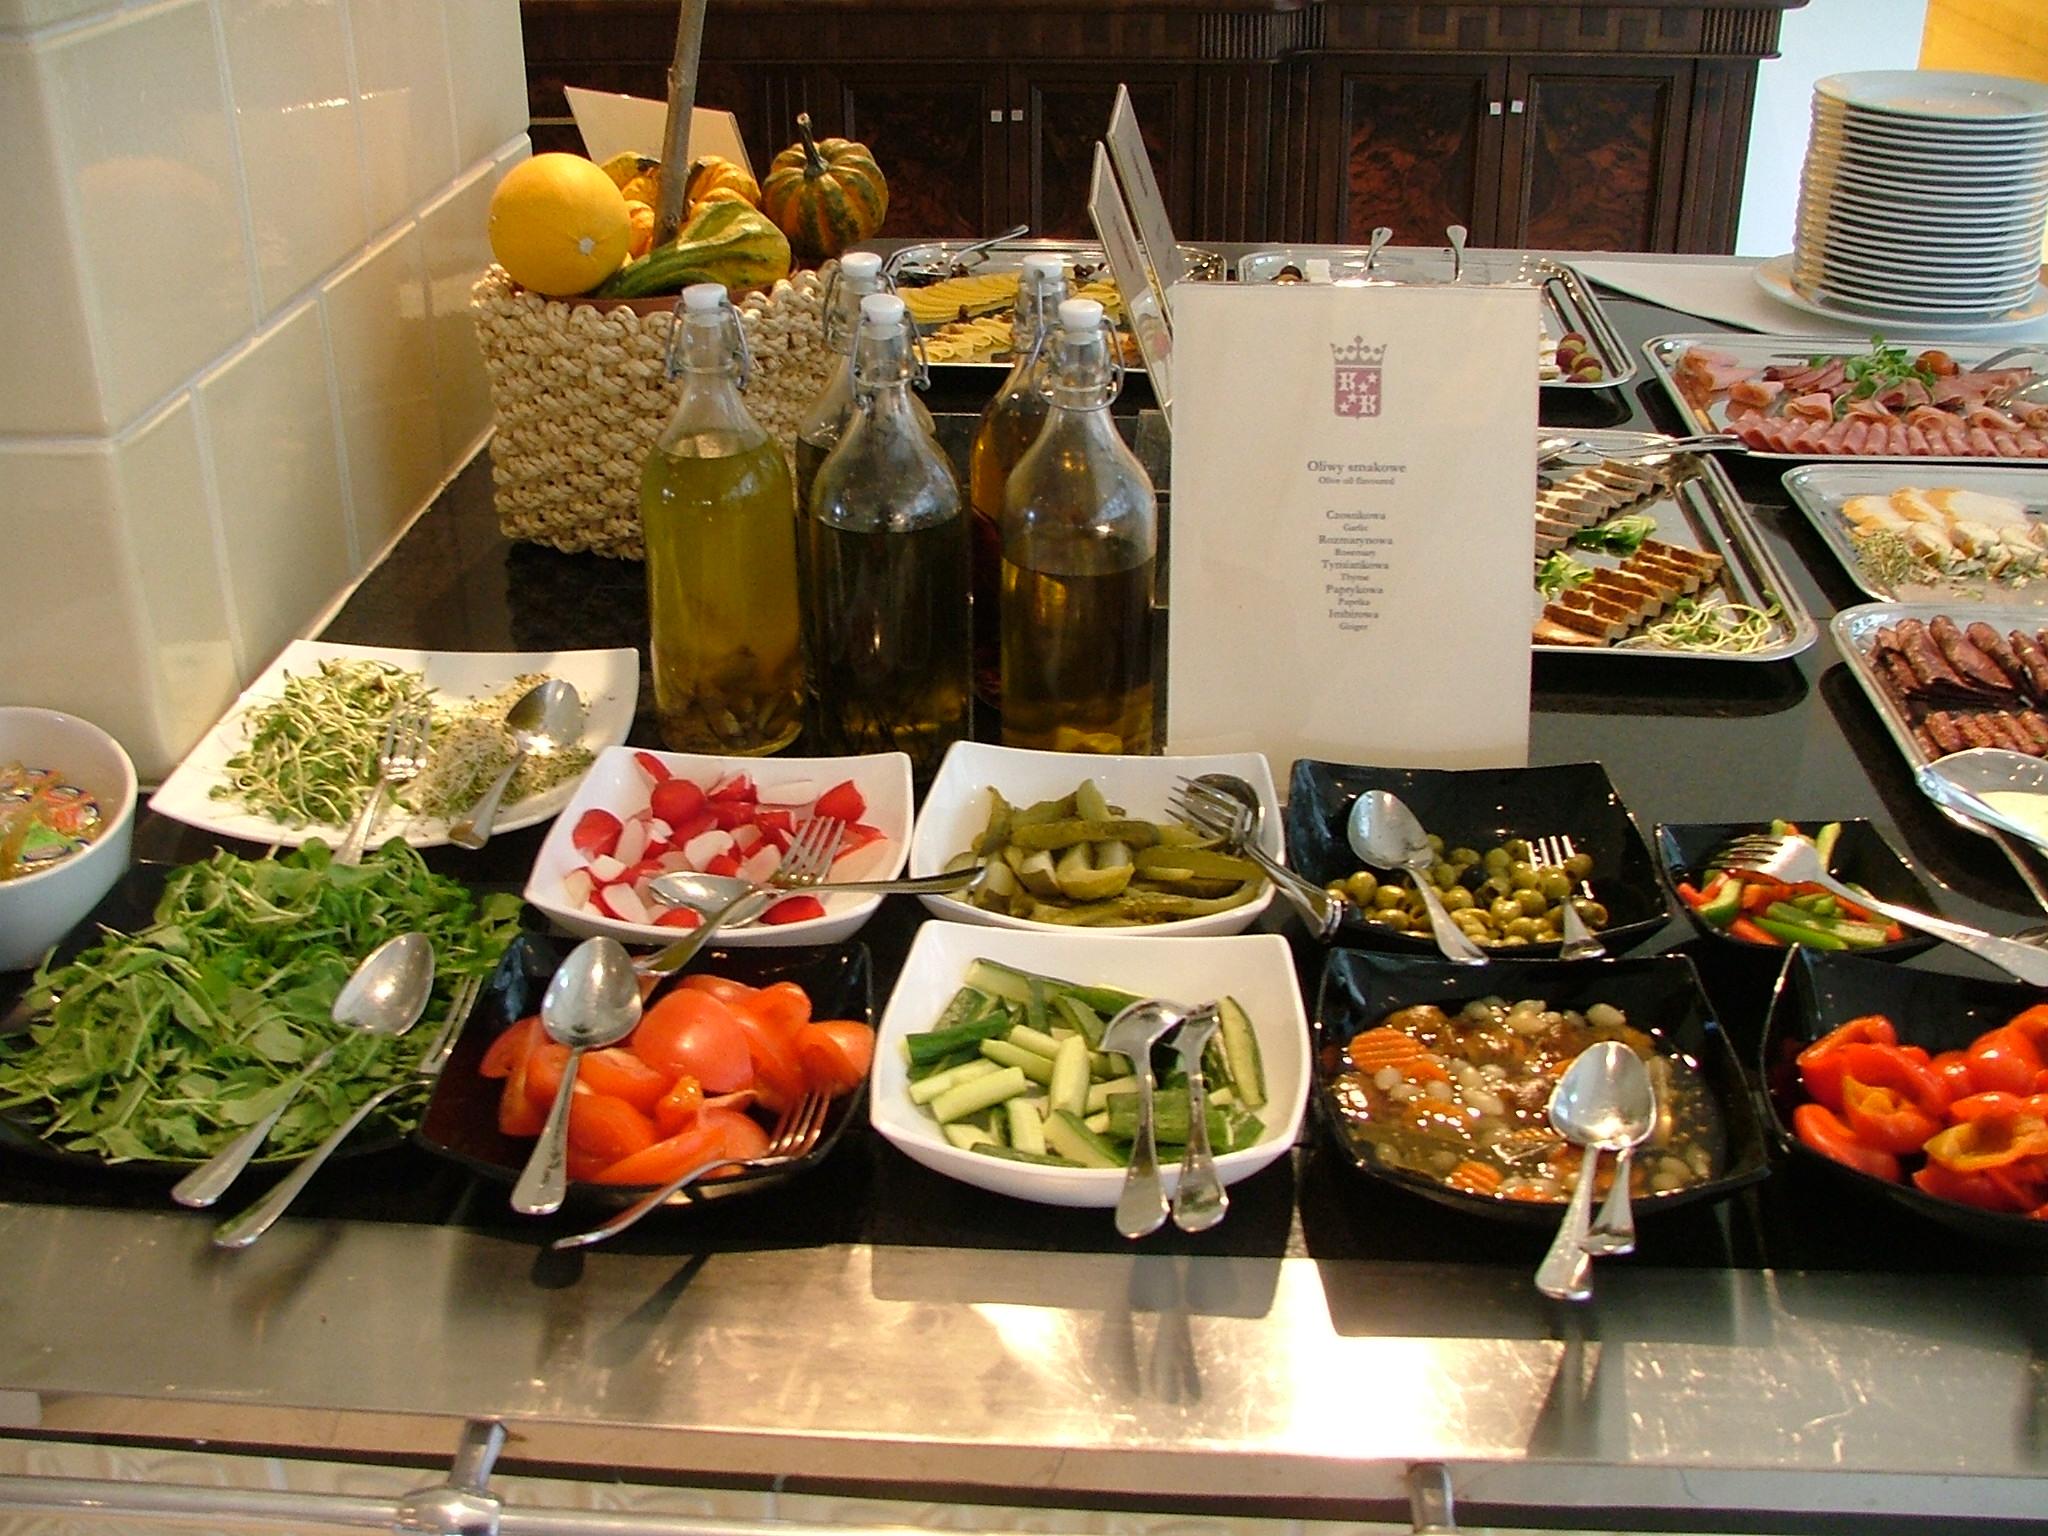 Śniadanie bufet w hotelu Król Kazimierz w Kazimierzu Dolnym Lubelskie